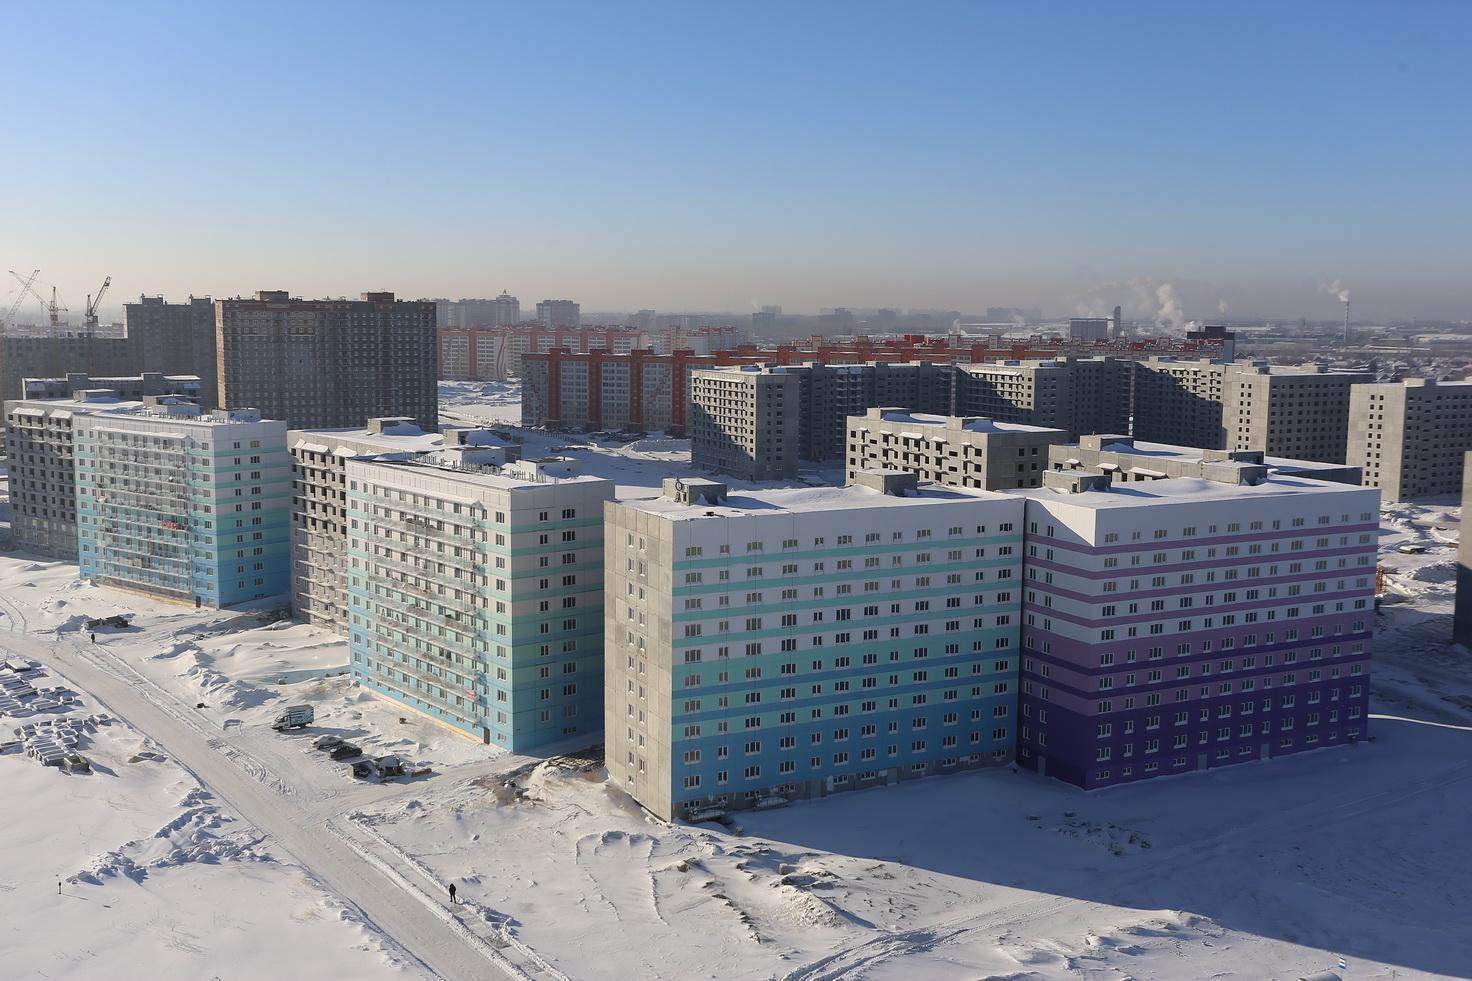 Вид с высоты на новые микрорайоны Левобережья - ЖК «Просторный» и ЖК «Матрешкин двор» 